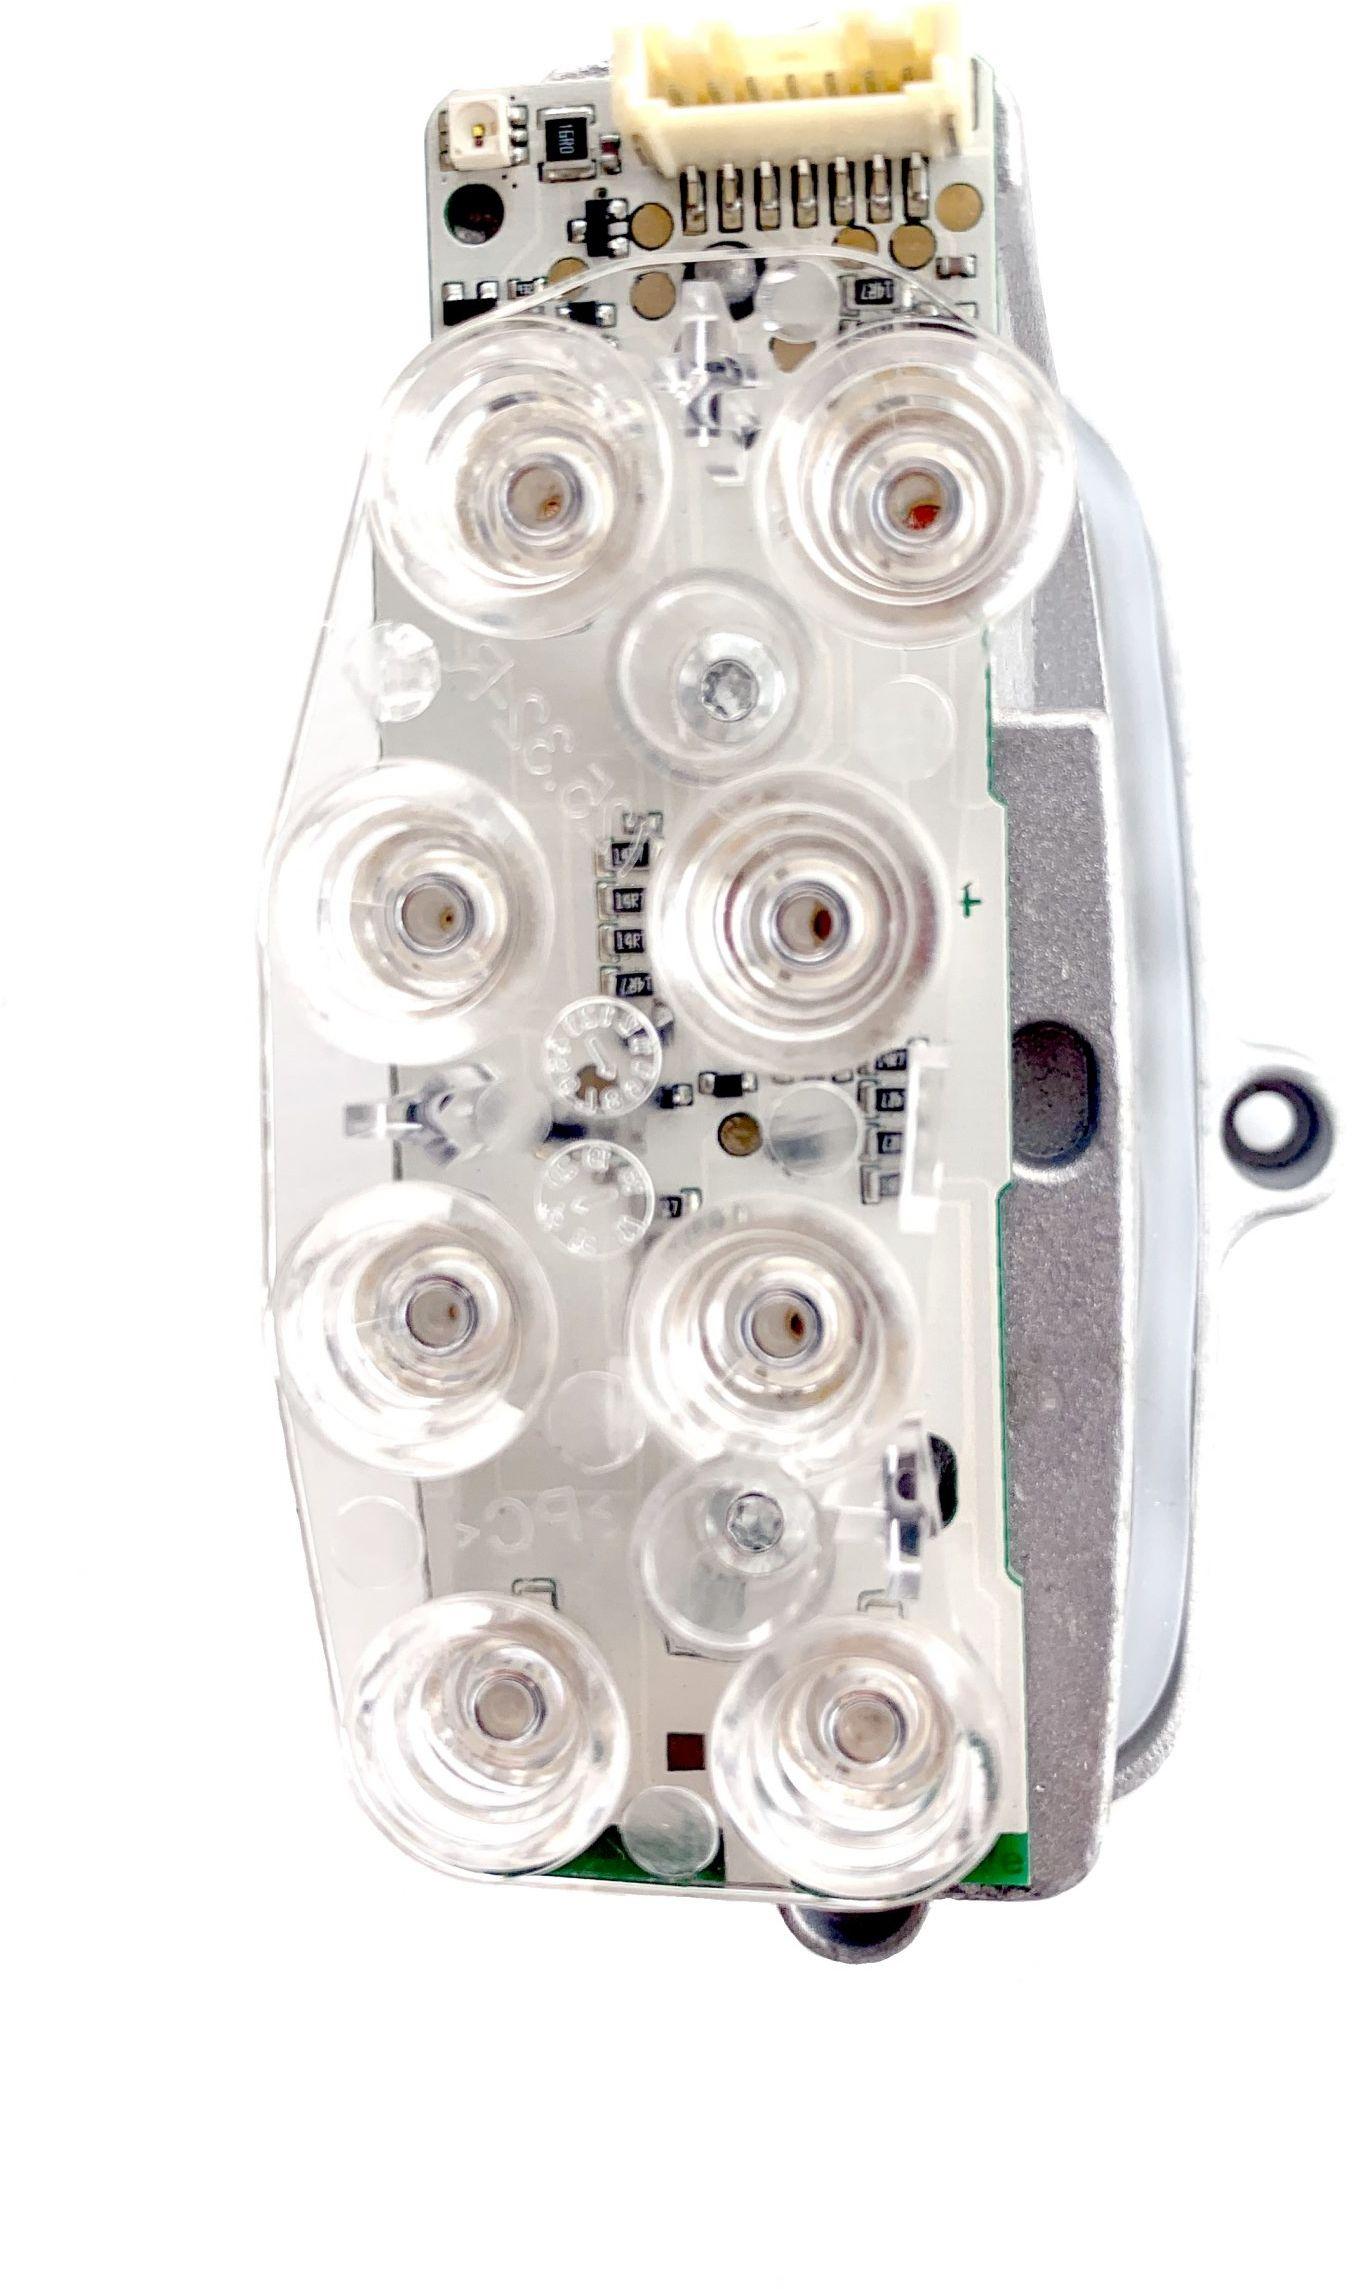 1x Nowy Kierunkowskaz Moduł LED Reflektorów Xenon Lewa Strona BMW 7 F01 F02 F03 LCI 7339057